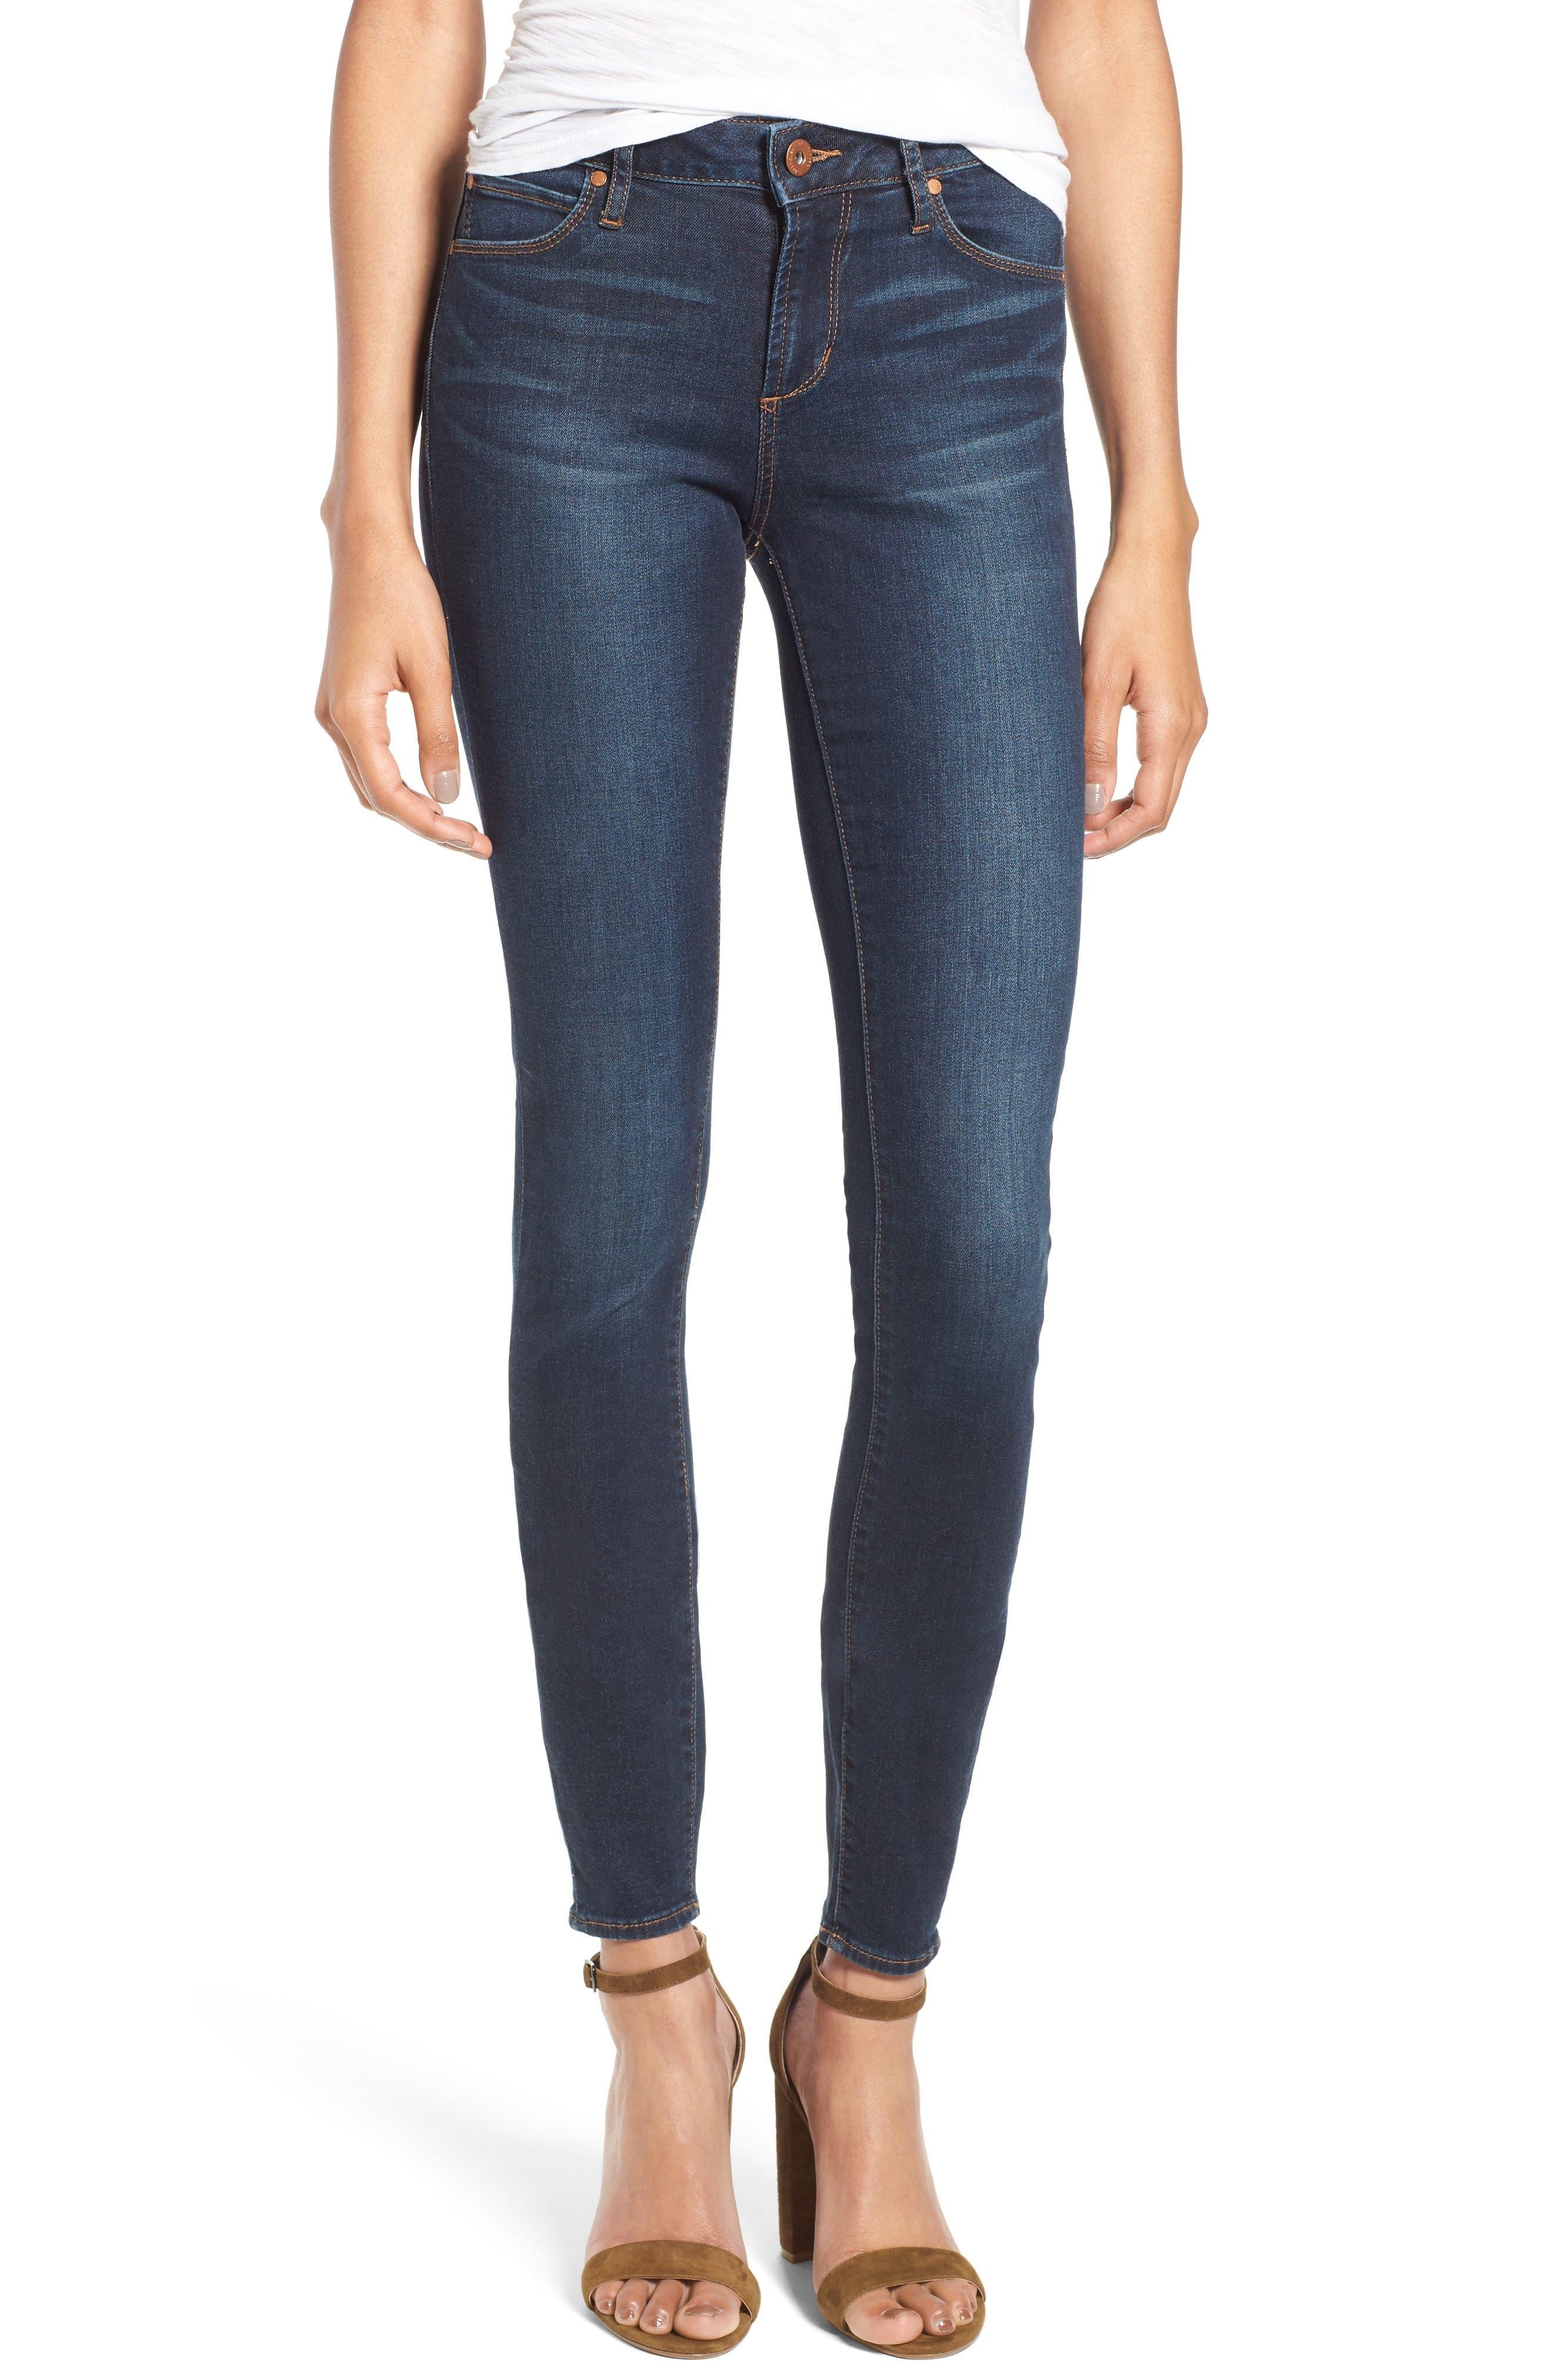 Main Image - Articles of Society Mya Skinny Jeans (Waverly)